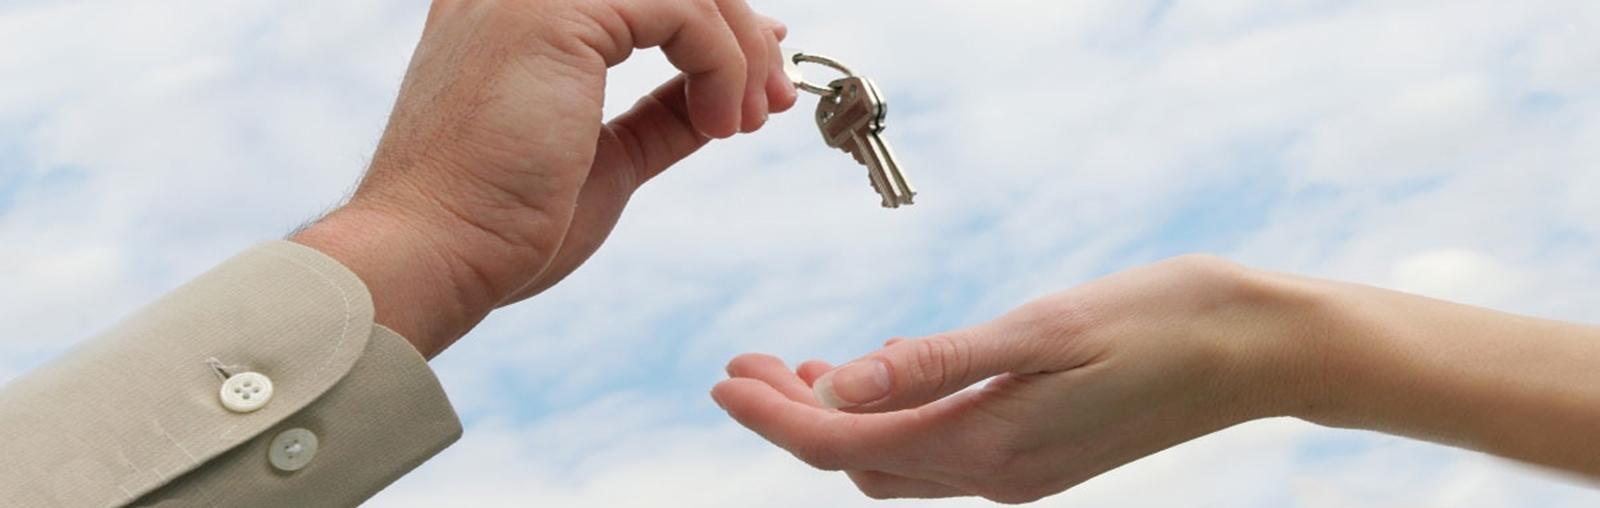 Servizi montaggio arredamento catania - Casa chiavi in mano ...